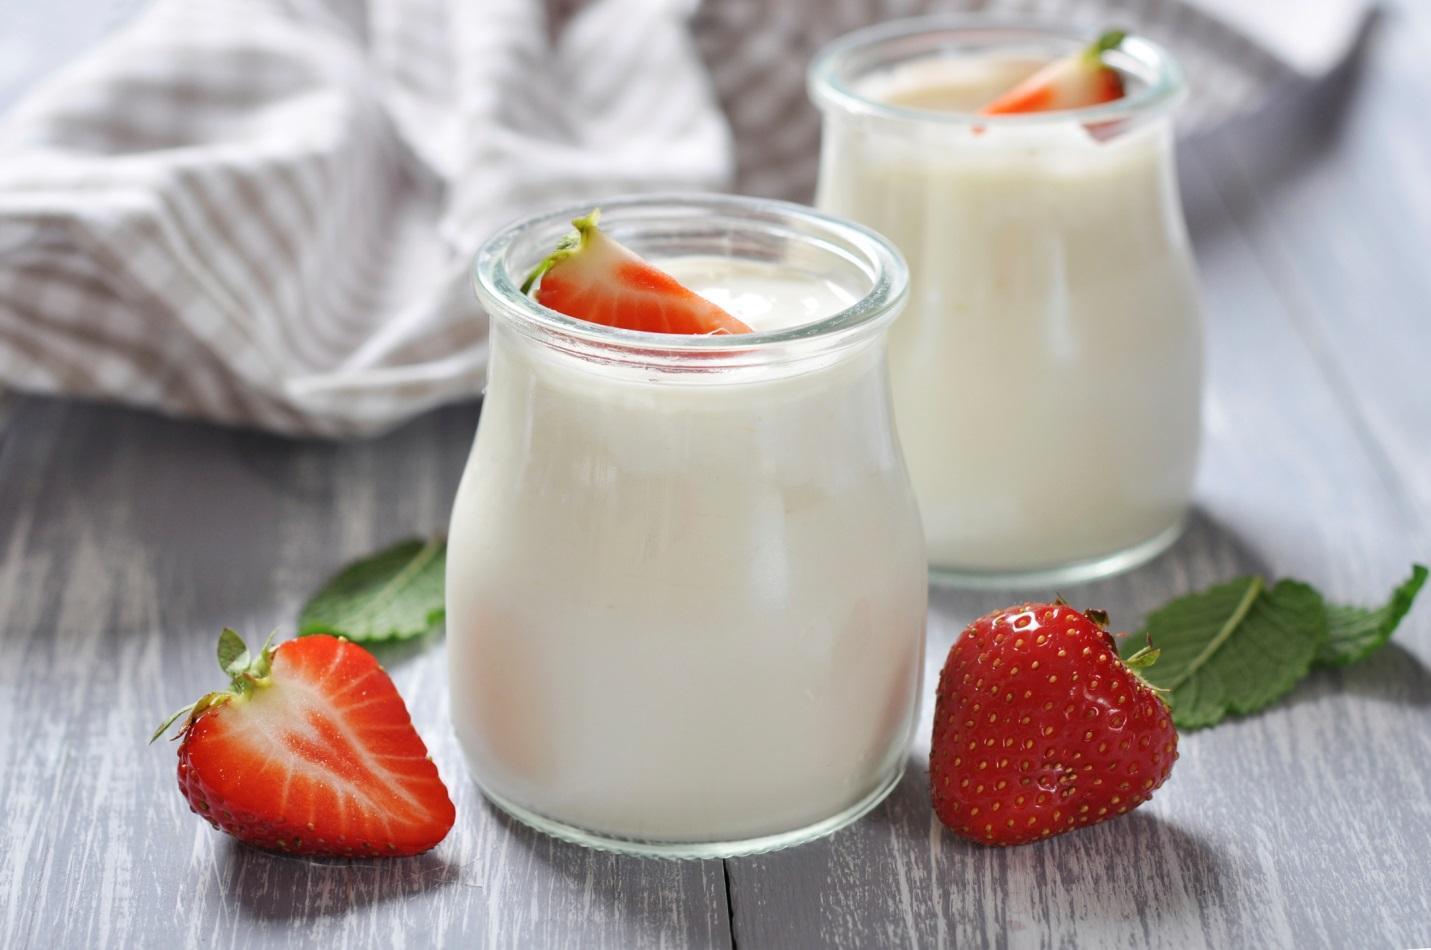 Cách làm yaourt bằng sữa tươi ngon và đơn giản ngay tại nhà